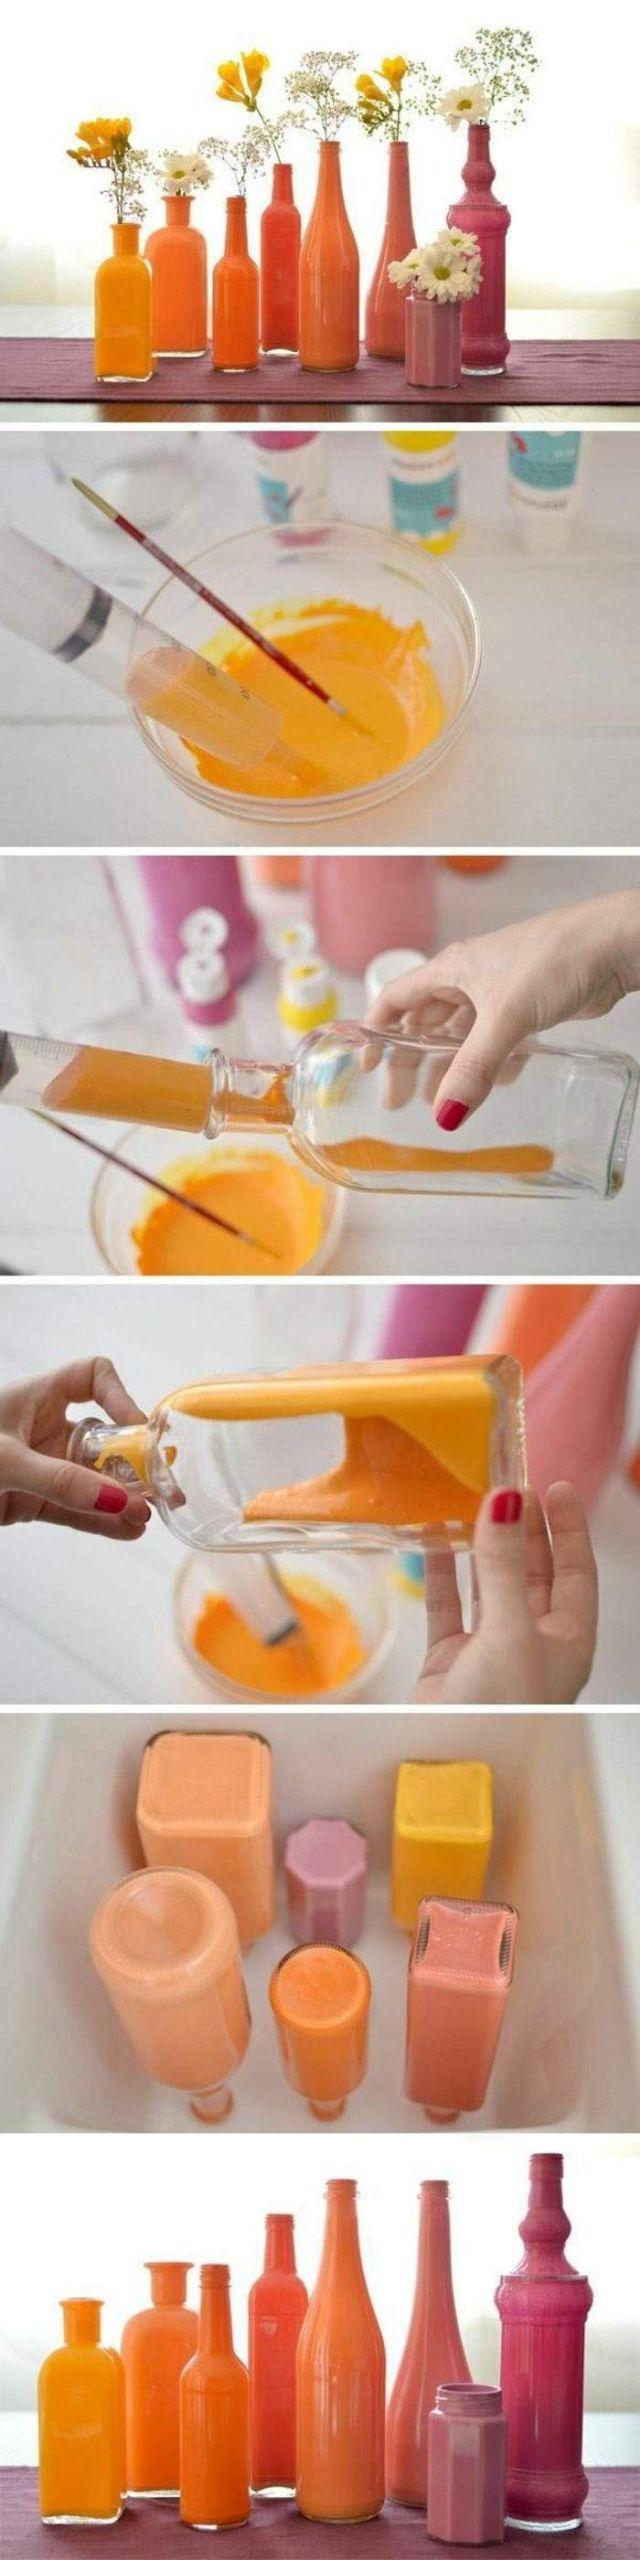 dekoideen diy alte gegenst C3 A4nde glasflaschen glasbeh C3 A4lter orange rosa gelb vasen selber machen